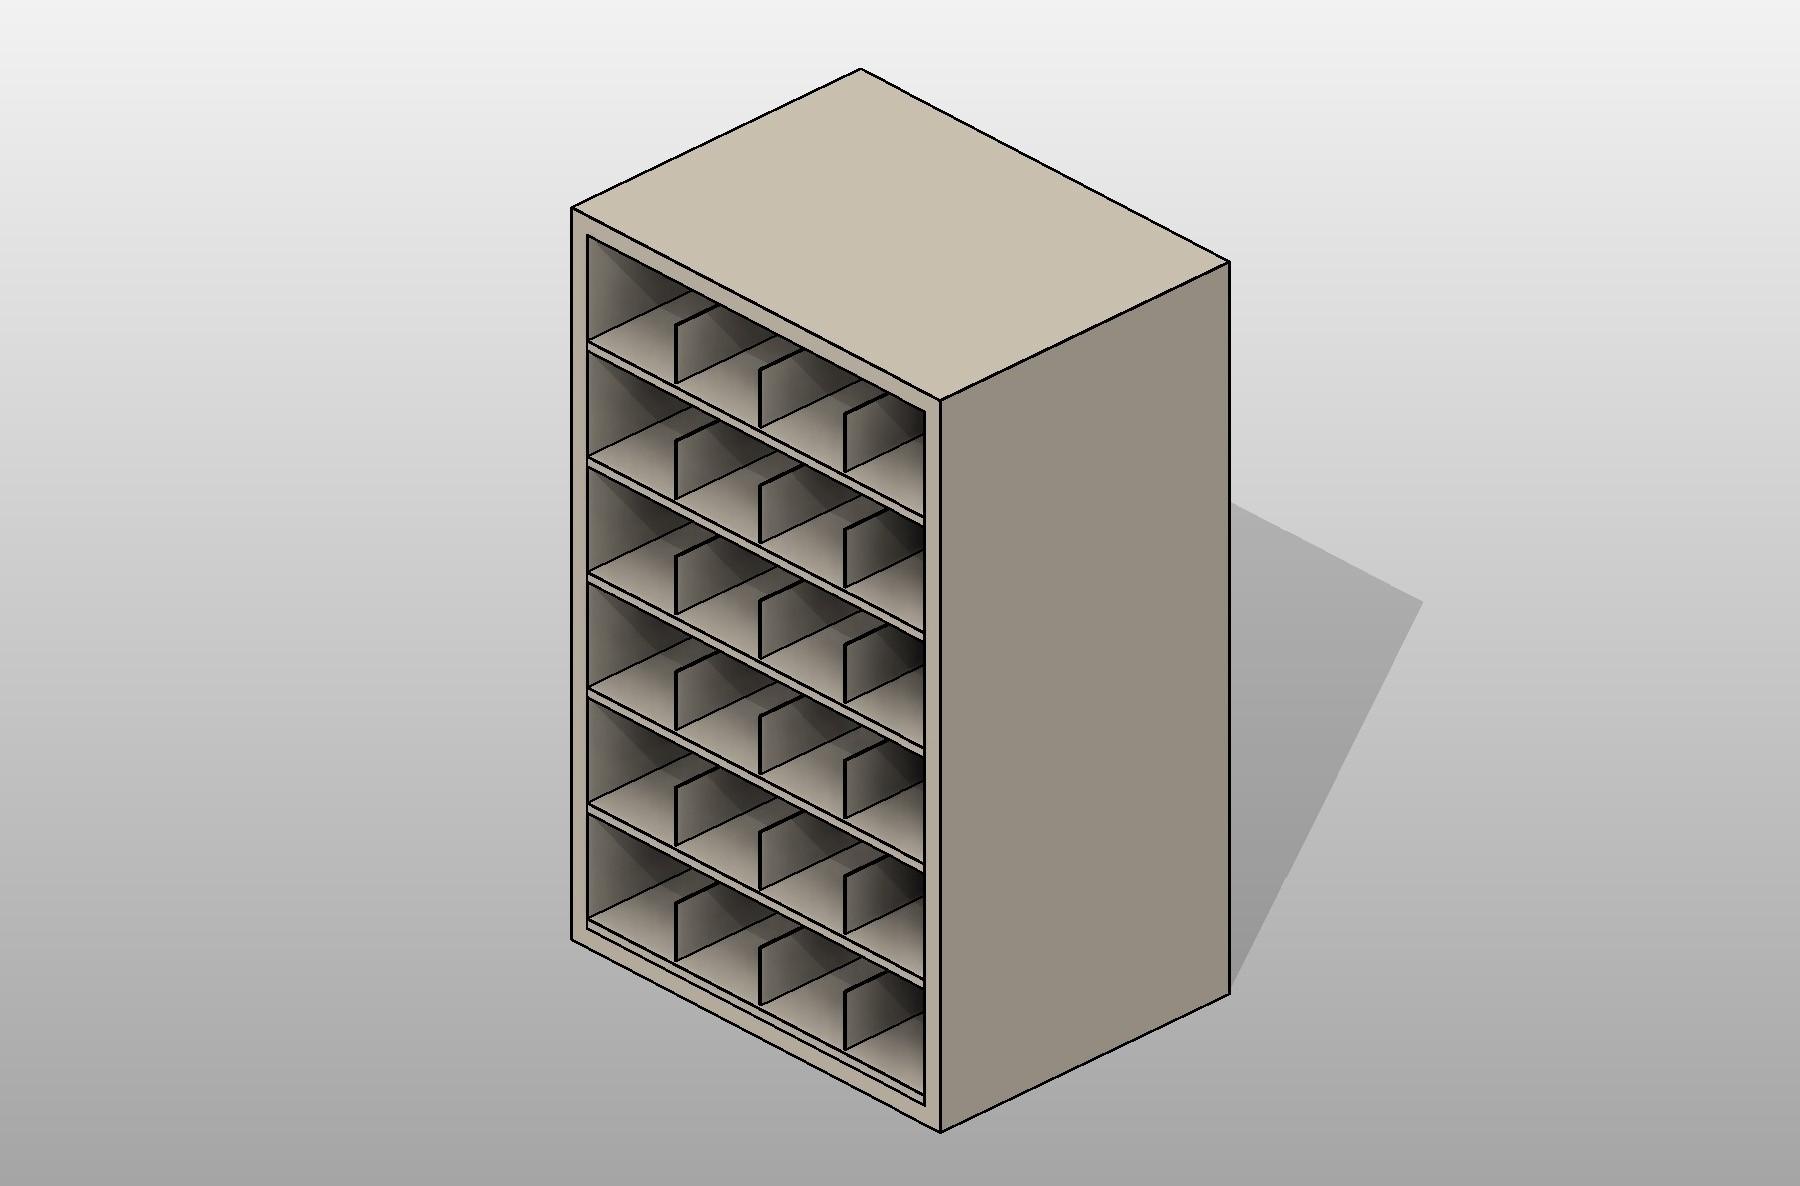 Rolled Blueprint Storage